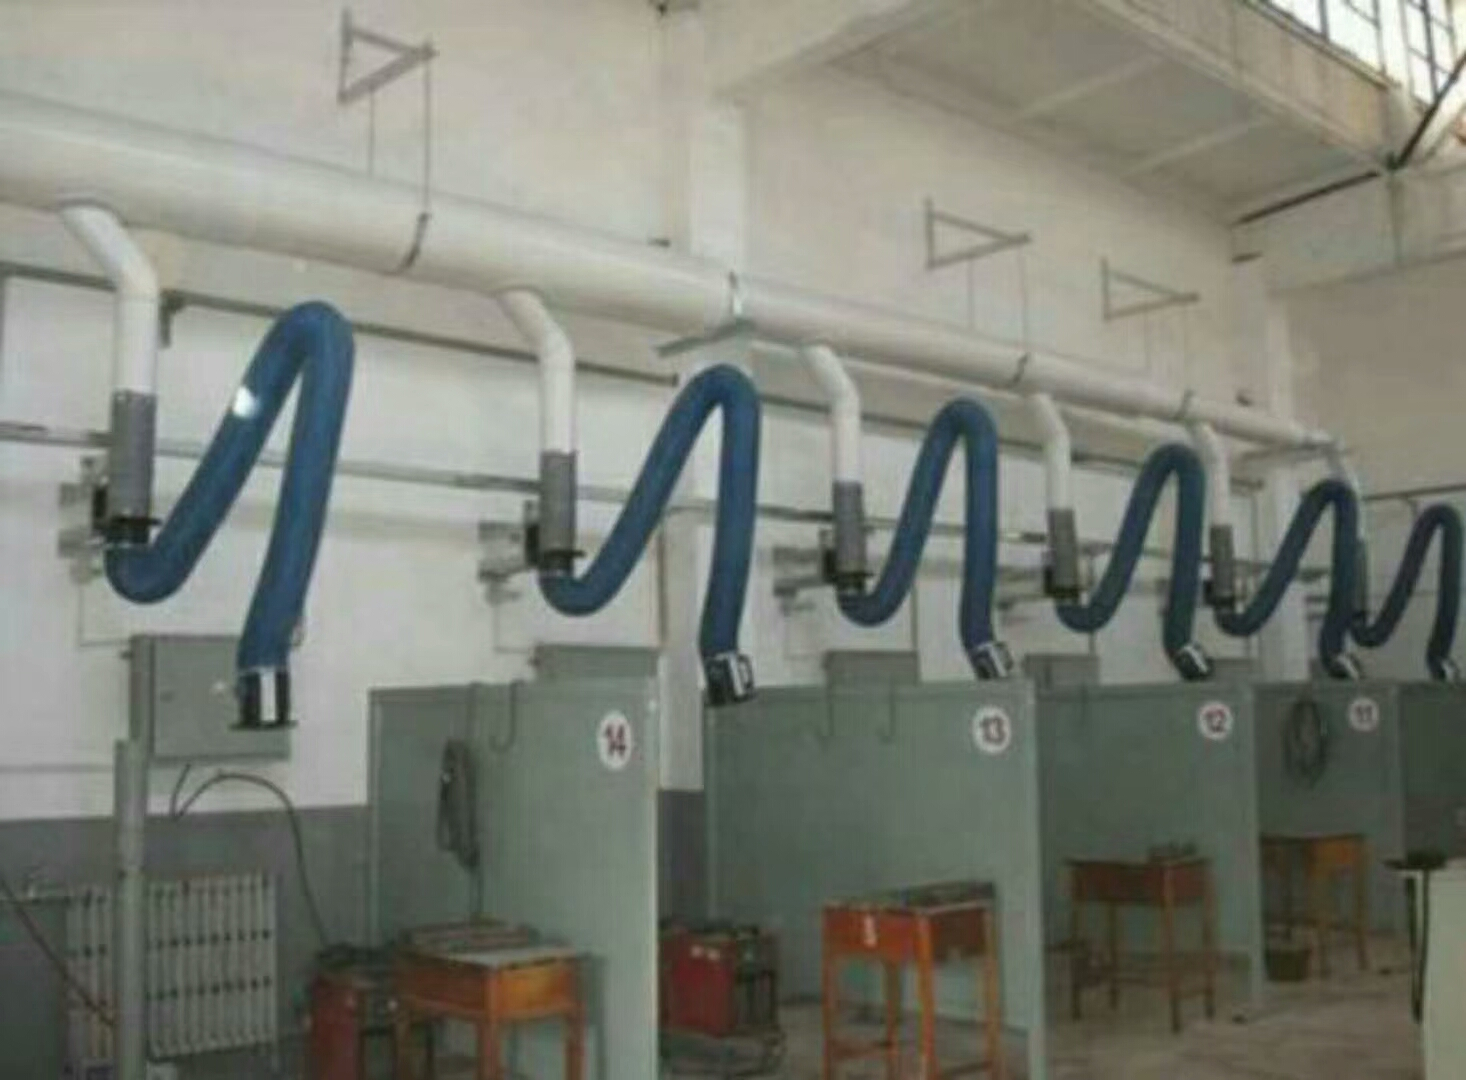 焊接车间焊烟集中处理管道及吸尘罩的布置